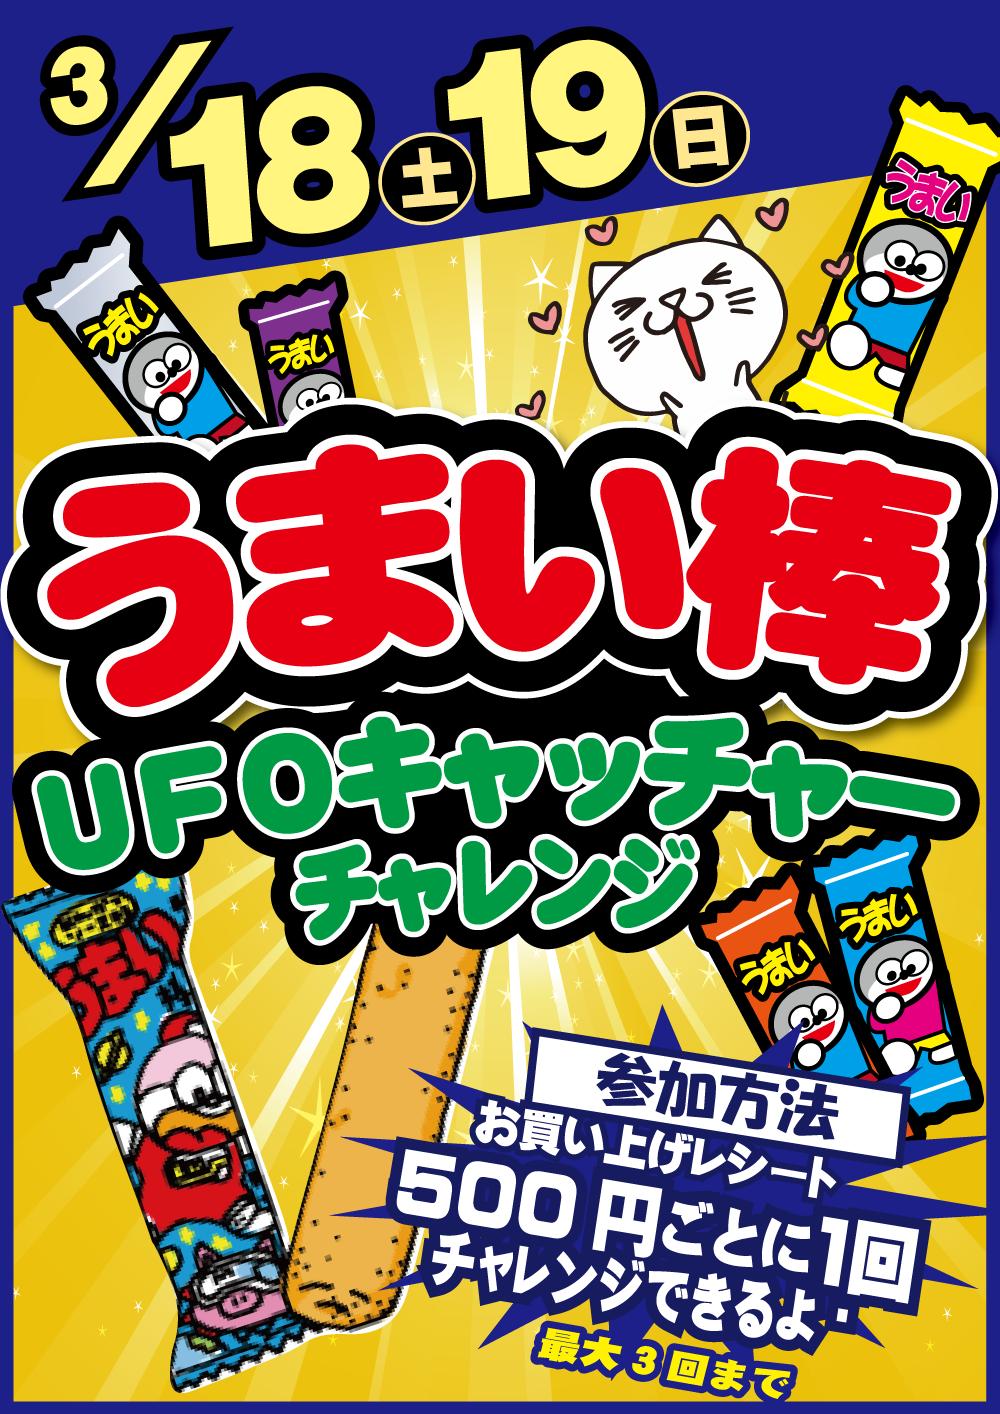 「開放倉庫桜井店」2017年3月18、19日の土日2日間!うまい棒UFOキャッチャーチャレンジを開催!!